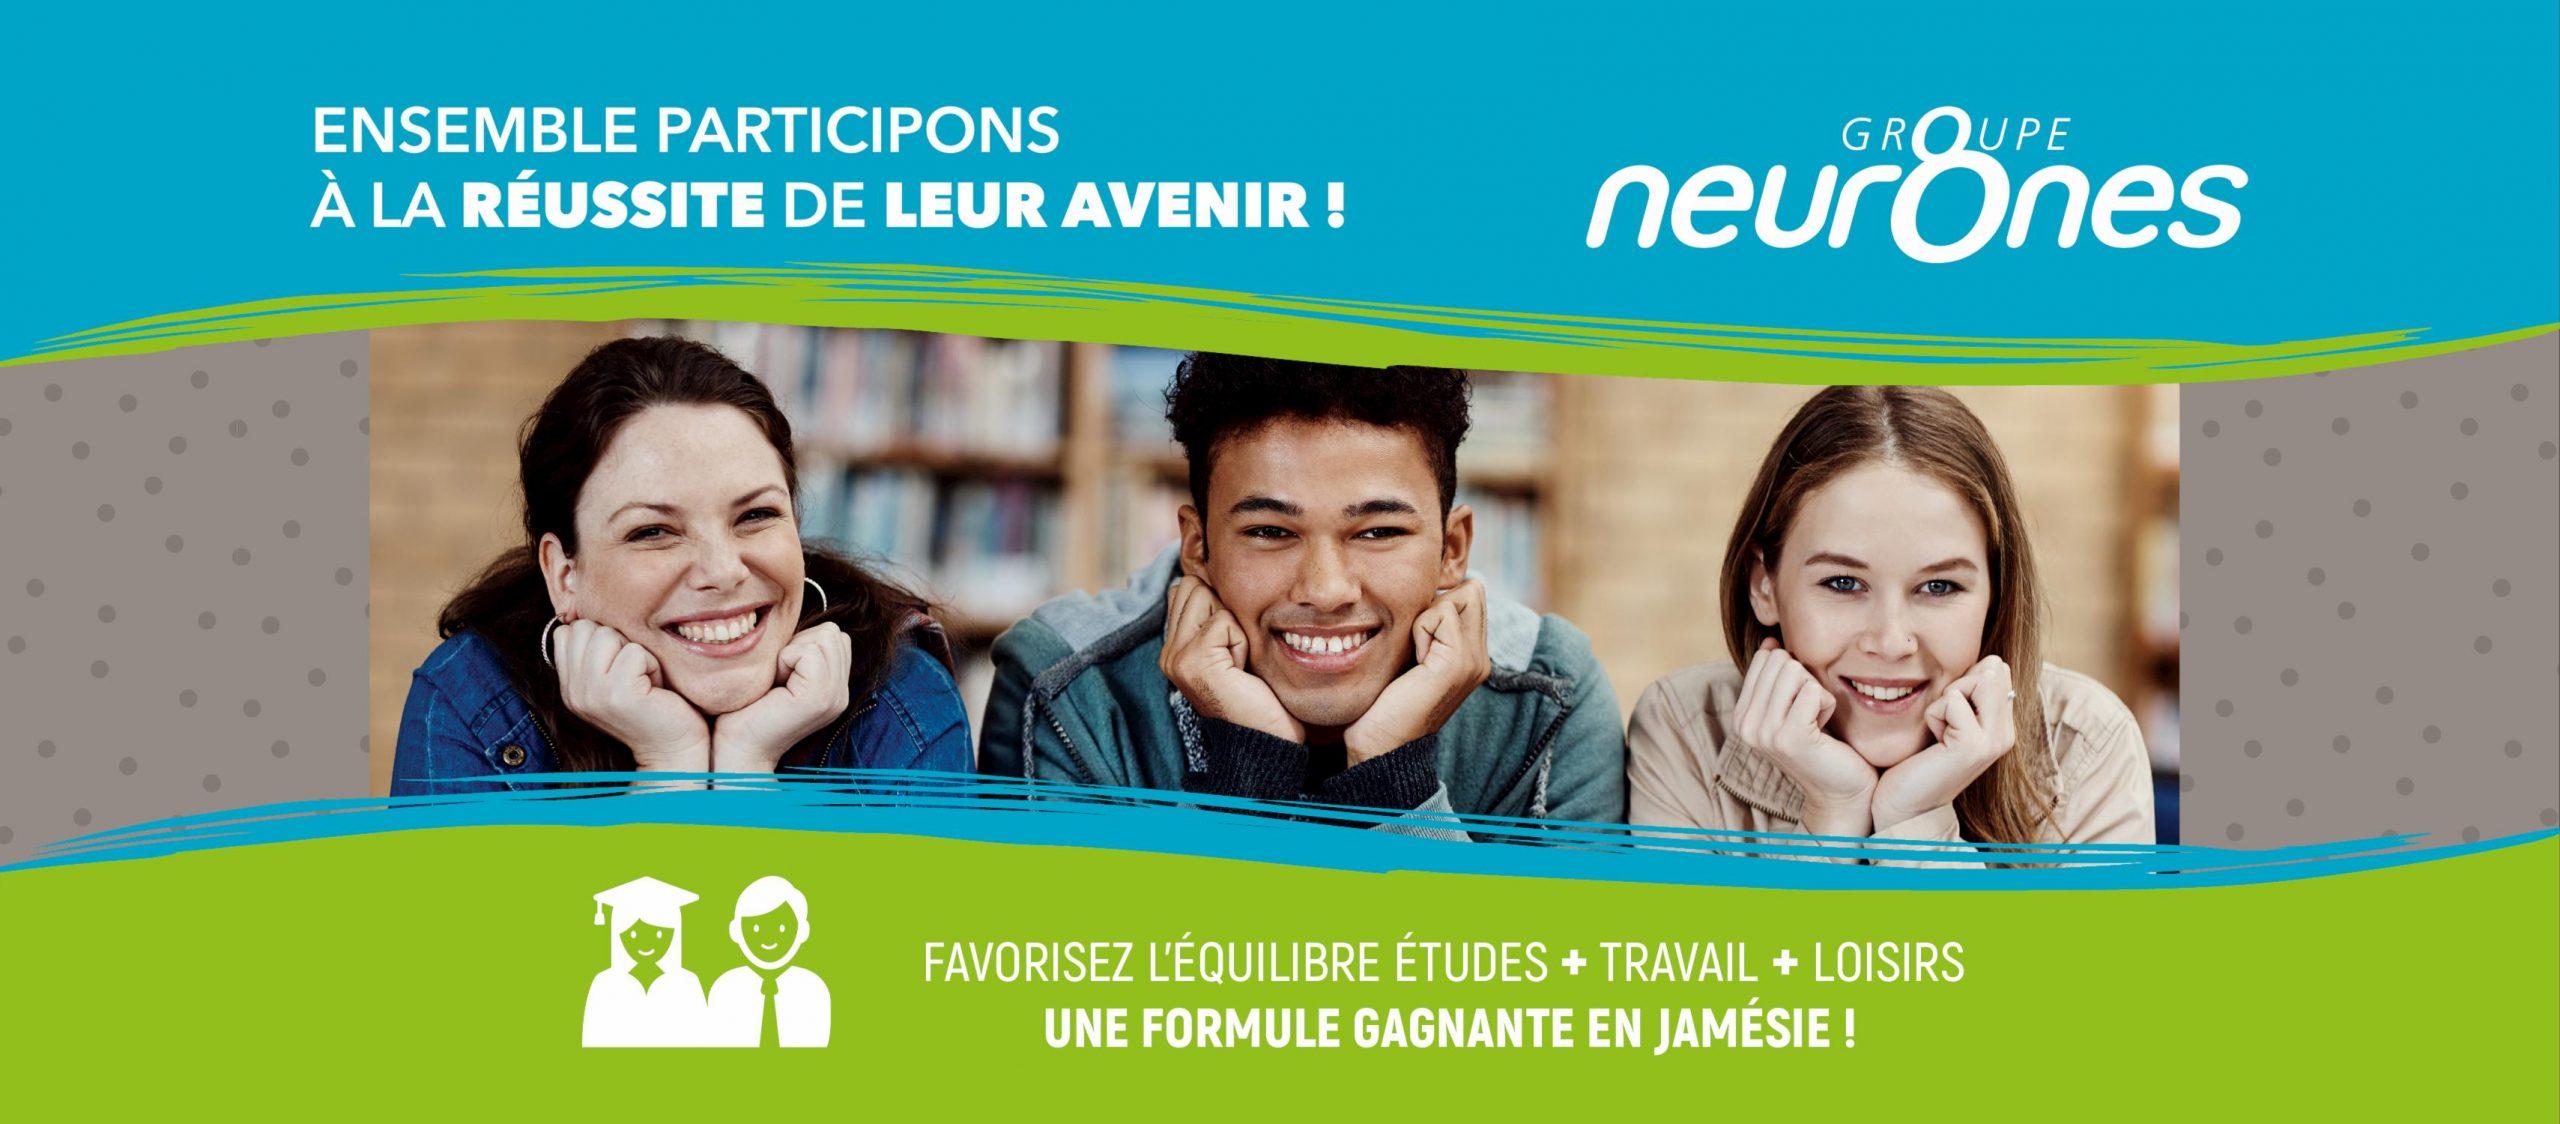 Bandeau-publicitaire-Site-web-Groupe-neurones-1-scaled